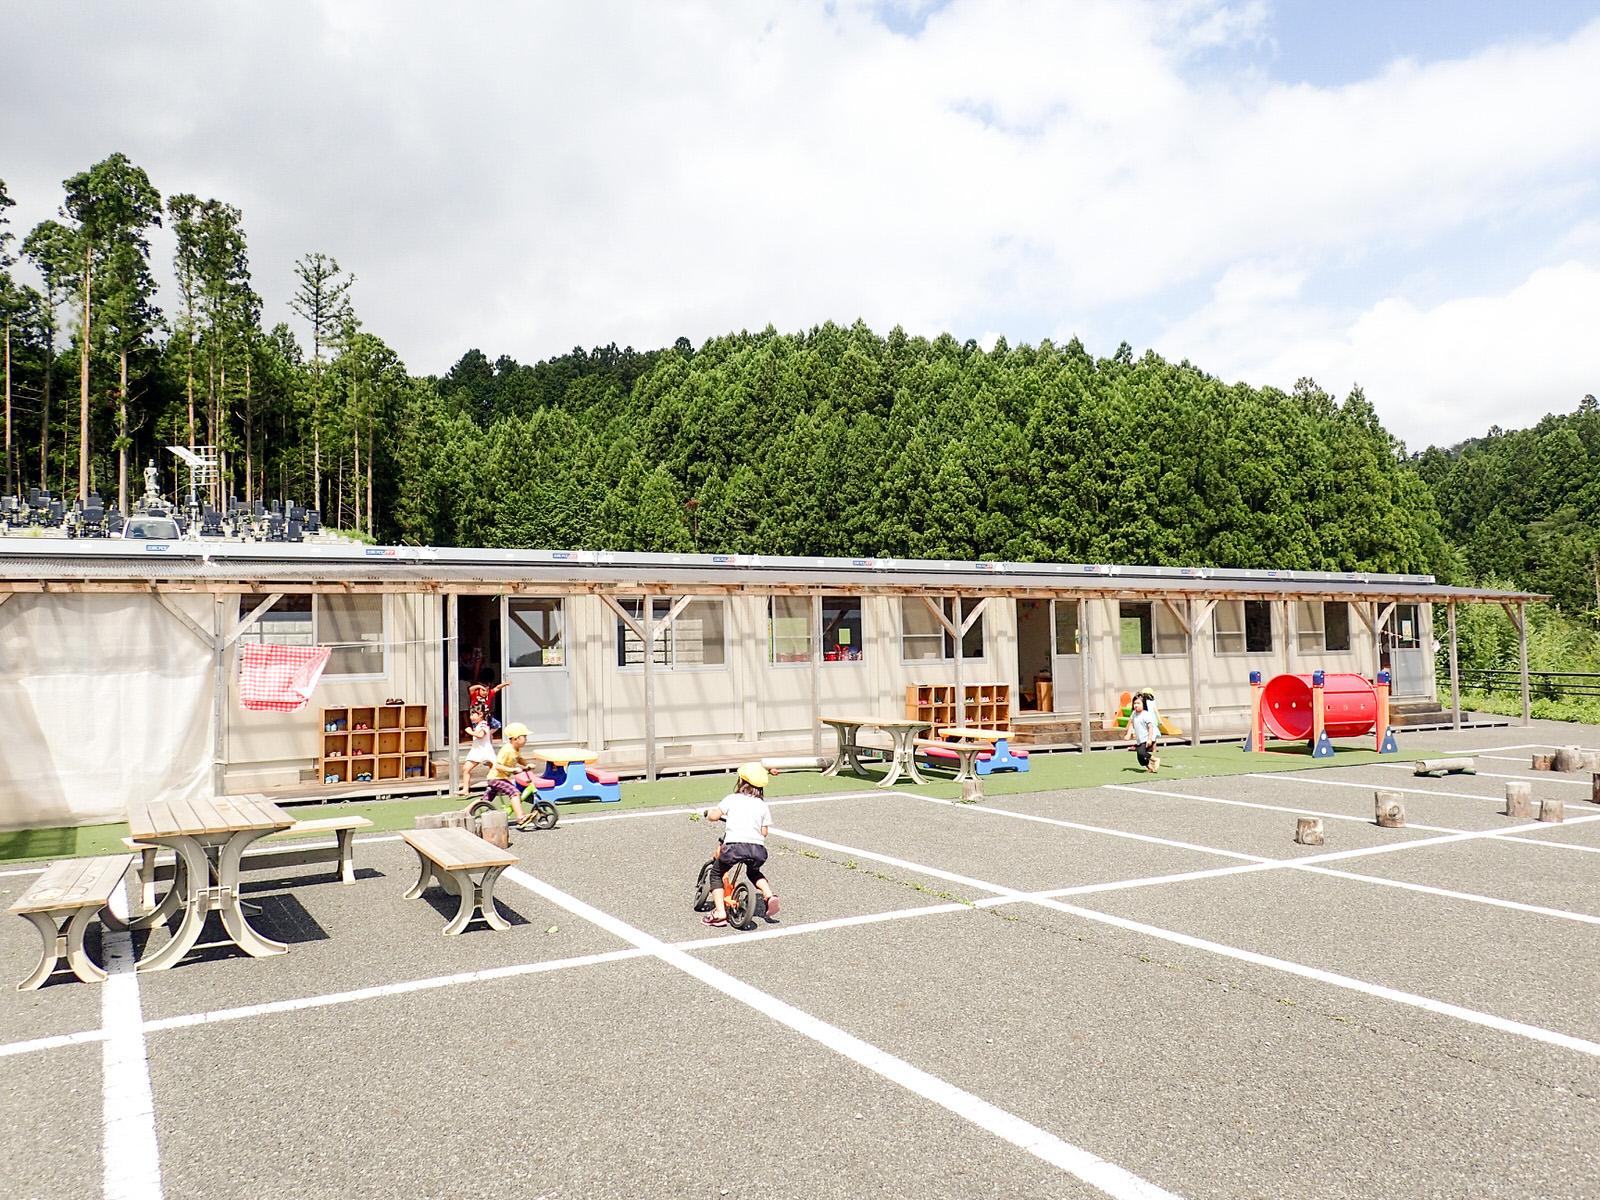 あさひ幼稚園 本設園舎を心待ちに町内唯一の私立幼稚園